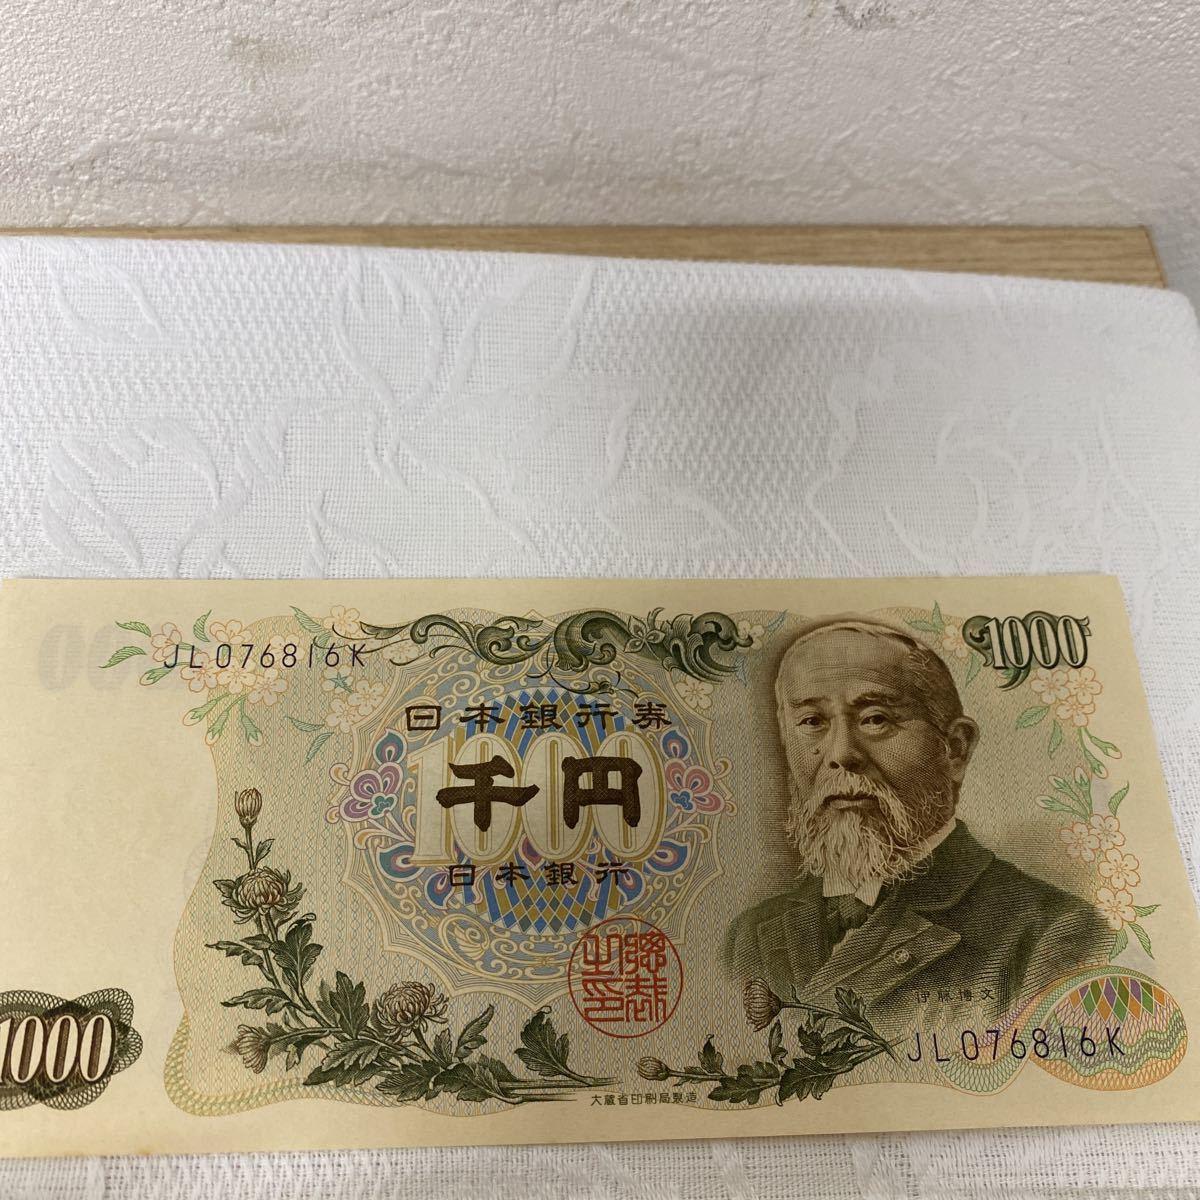 旧紙幣 千円札 伊藤博文 連番 ピン札_画像3